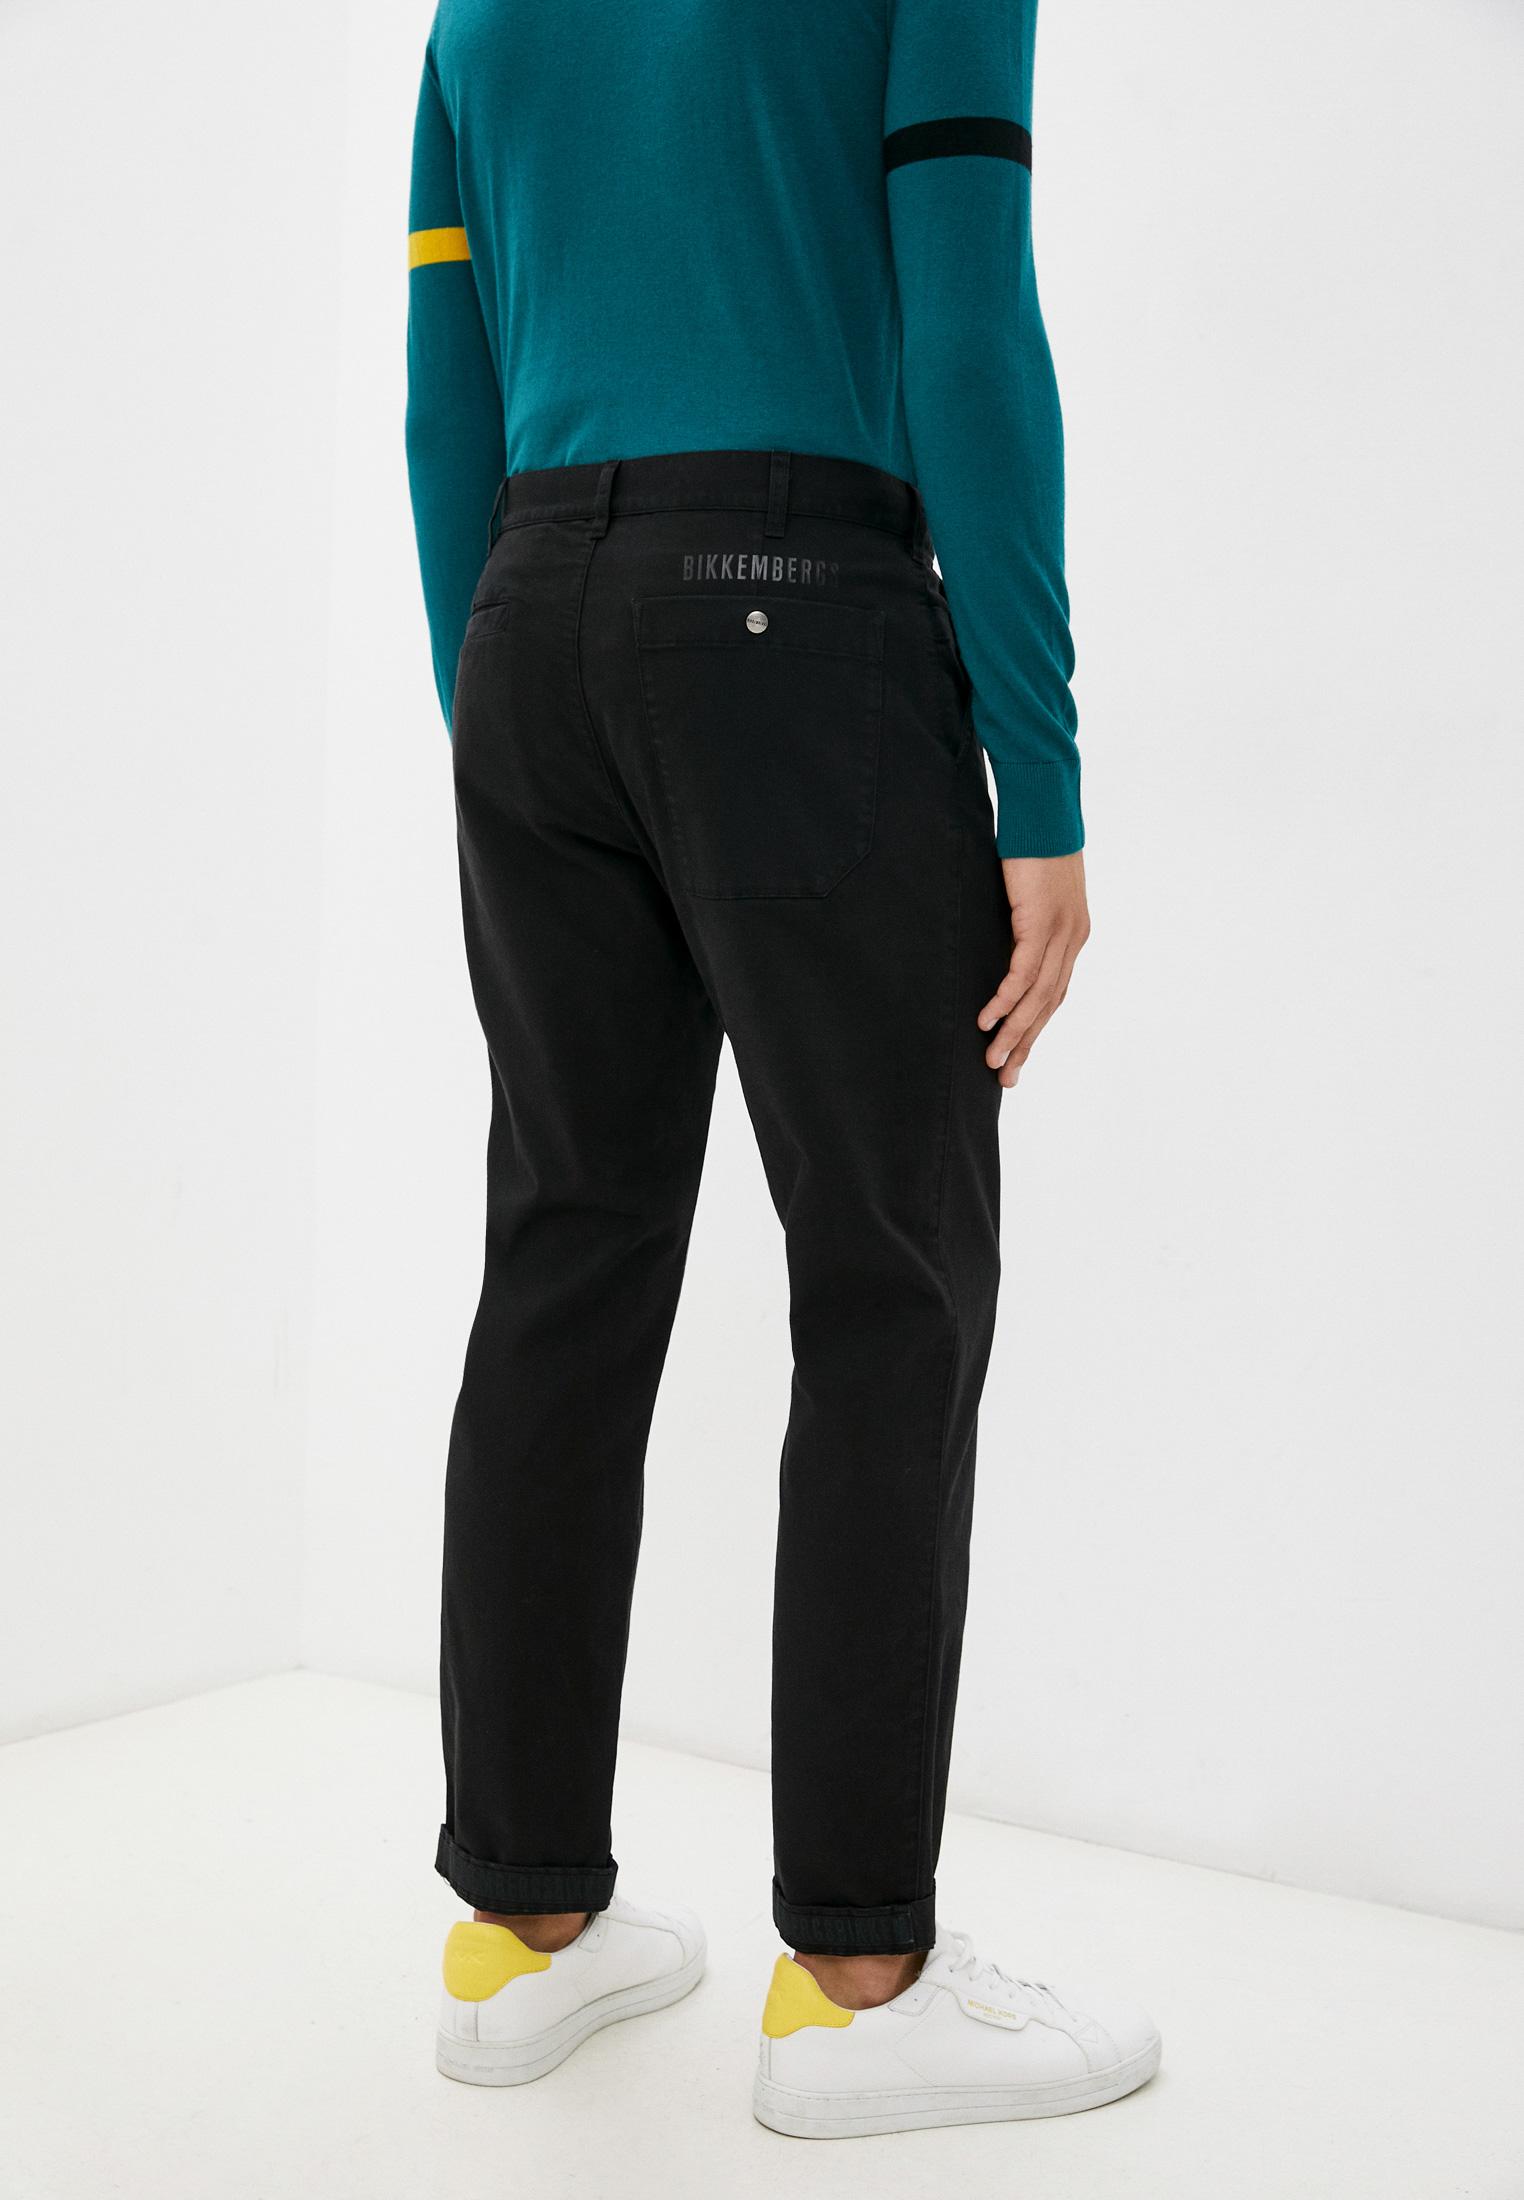 Мужские брюки Bikkembergs (Биккембергс) C P 055 04 S 3279: изображение 4